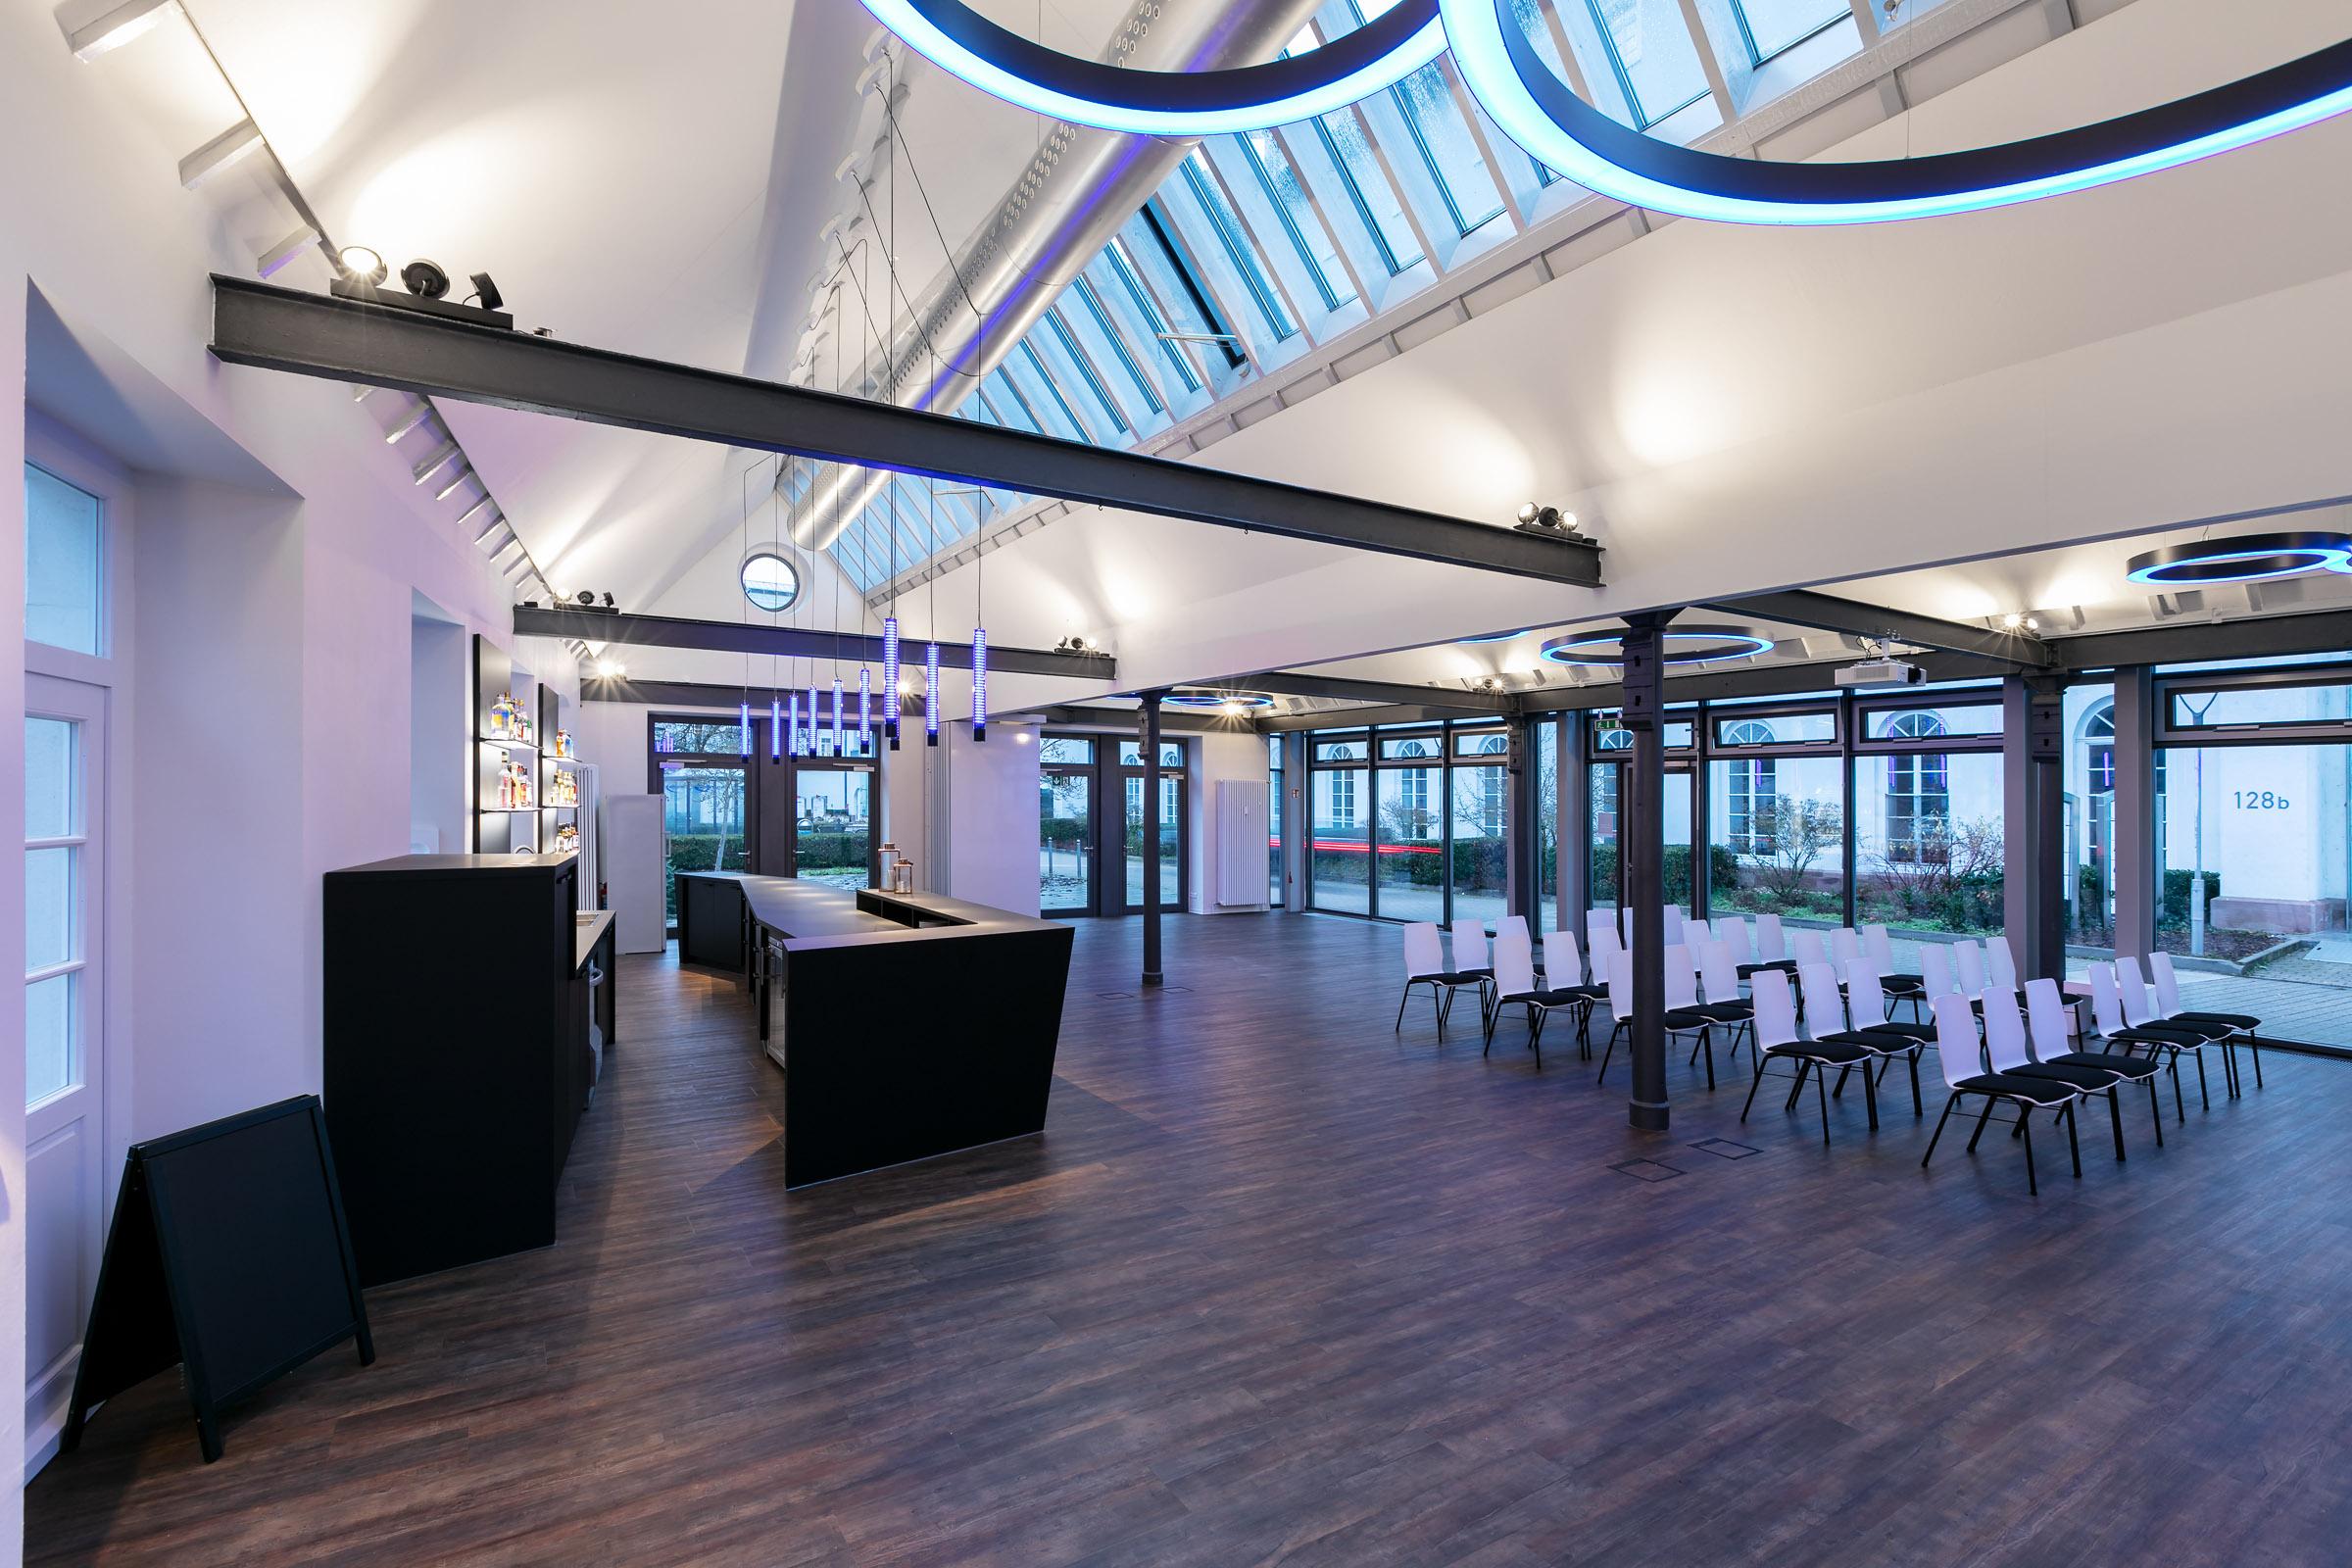 Ein Konferenzraum mit türkis leuchtenden Ringleuchten